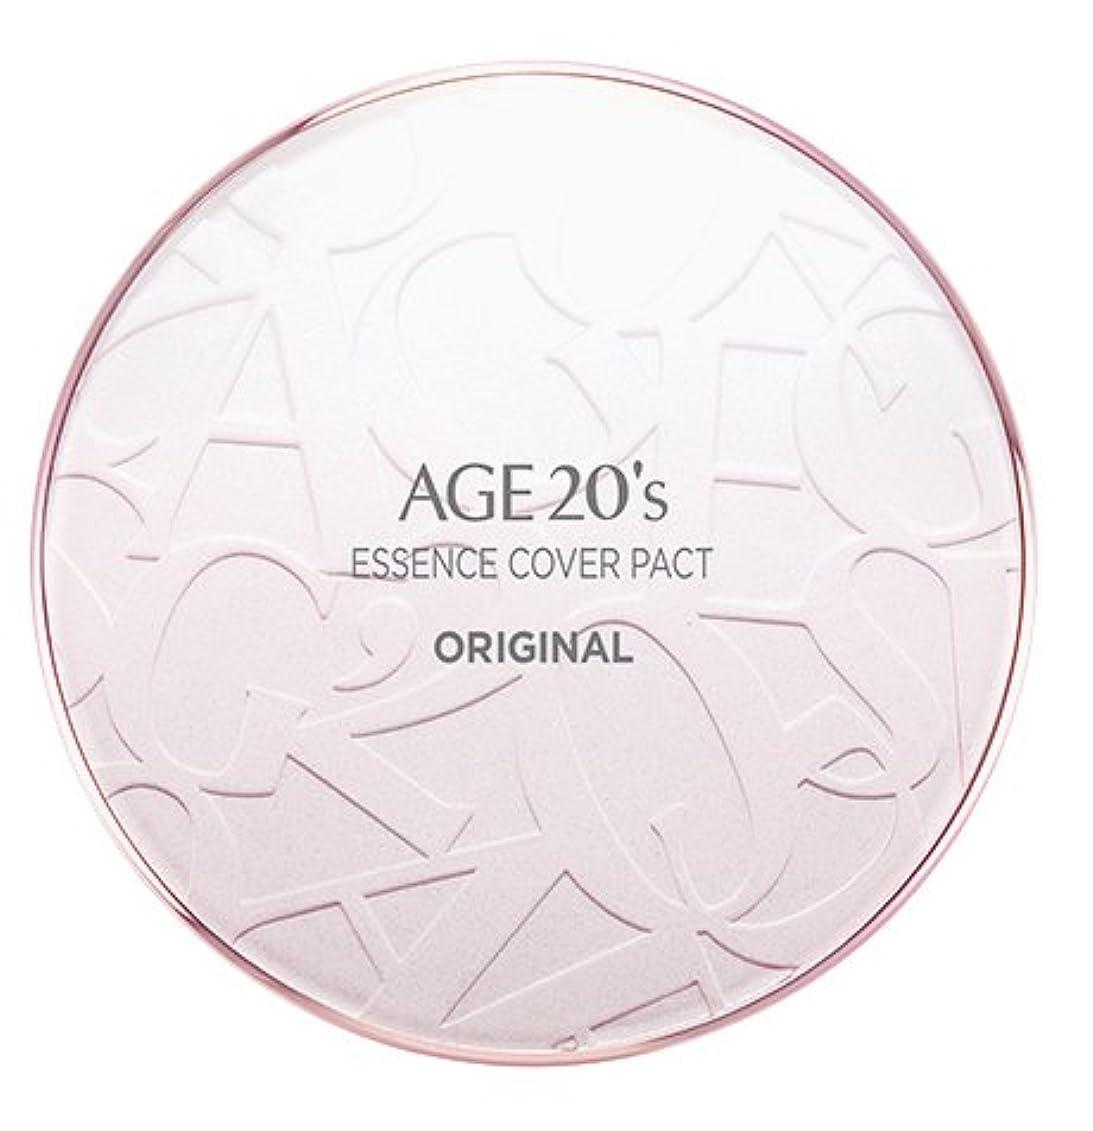 放射性吸うスカーフAGE 20's Essence Cover Pact Original [Pink Latte] 12.5g + Refill 12.5g (#21)/エイジ 20's エッセンス カバー パクト オリジナル [ピンクラテ...